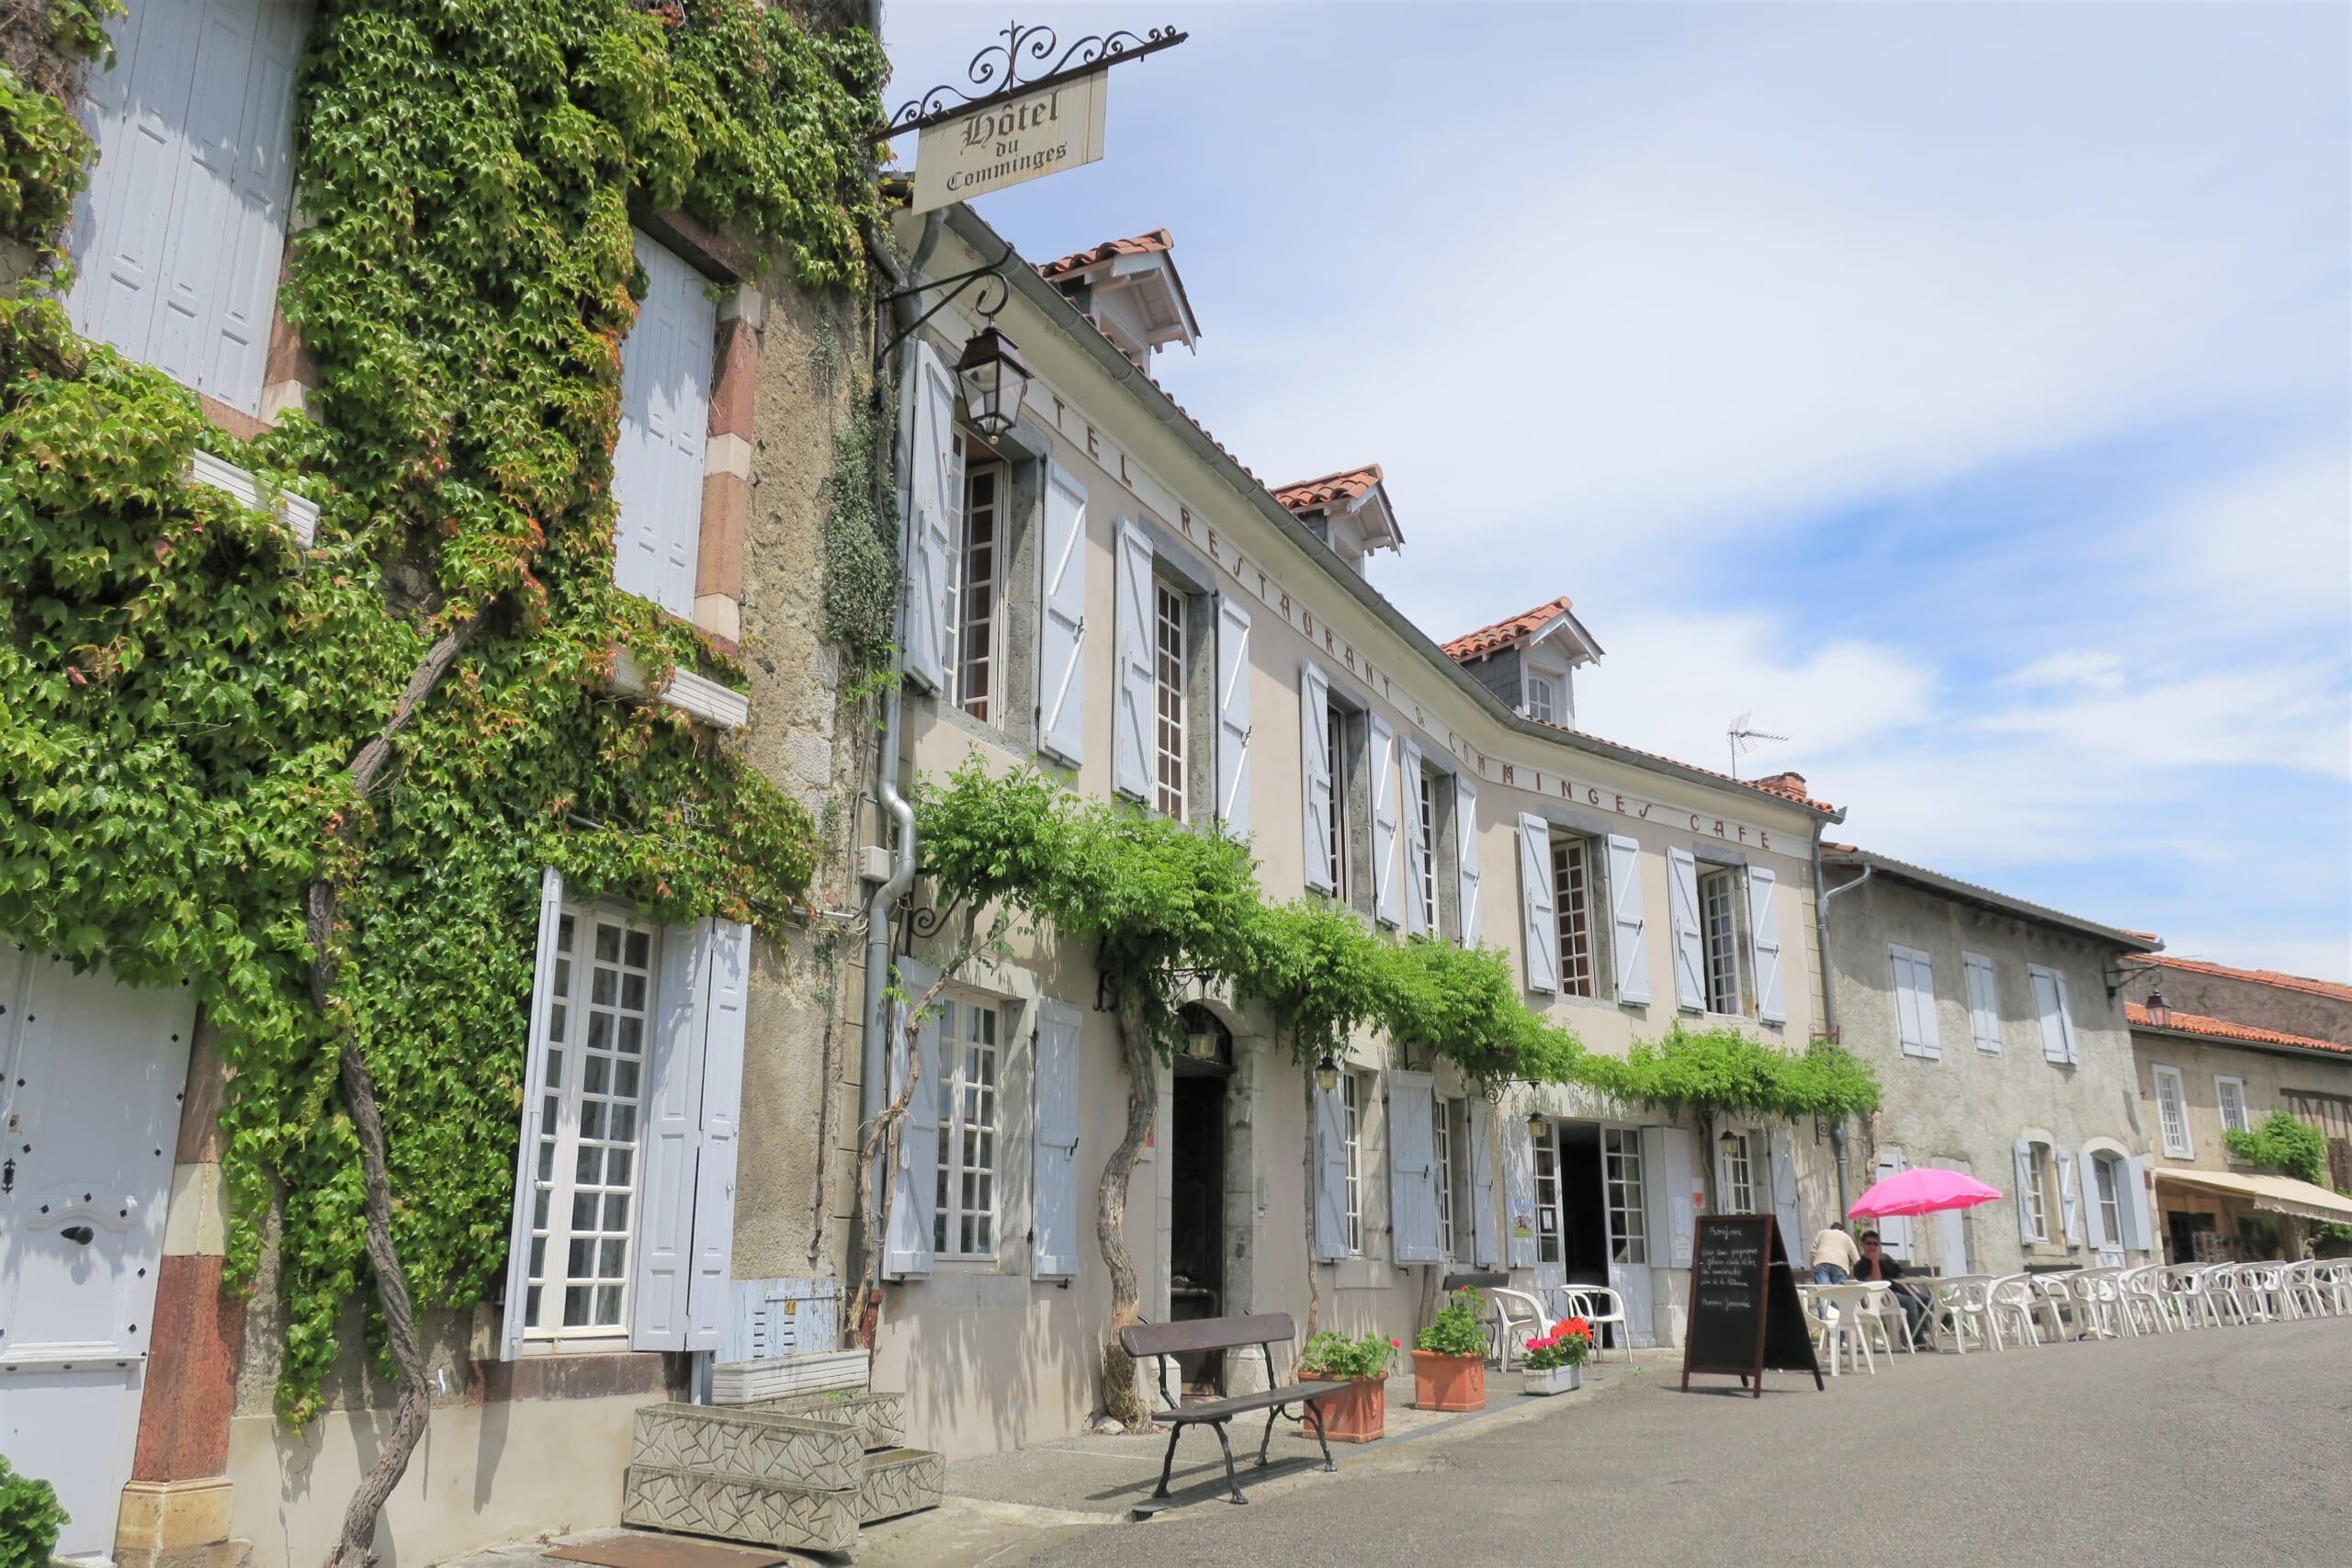 観光スポットであるピレネー山中に佇むサン=ベルトラン=ド=コマンジュの旧市街